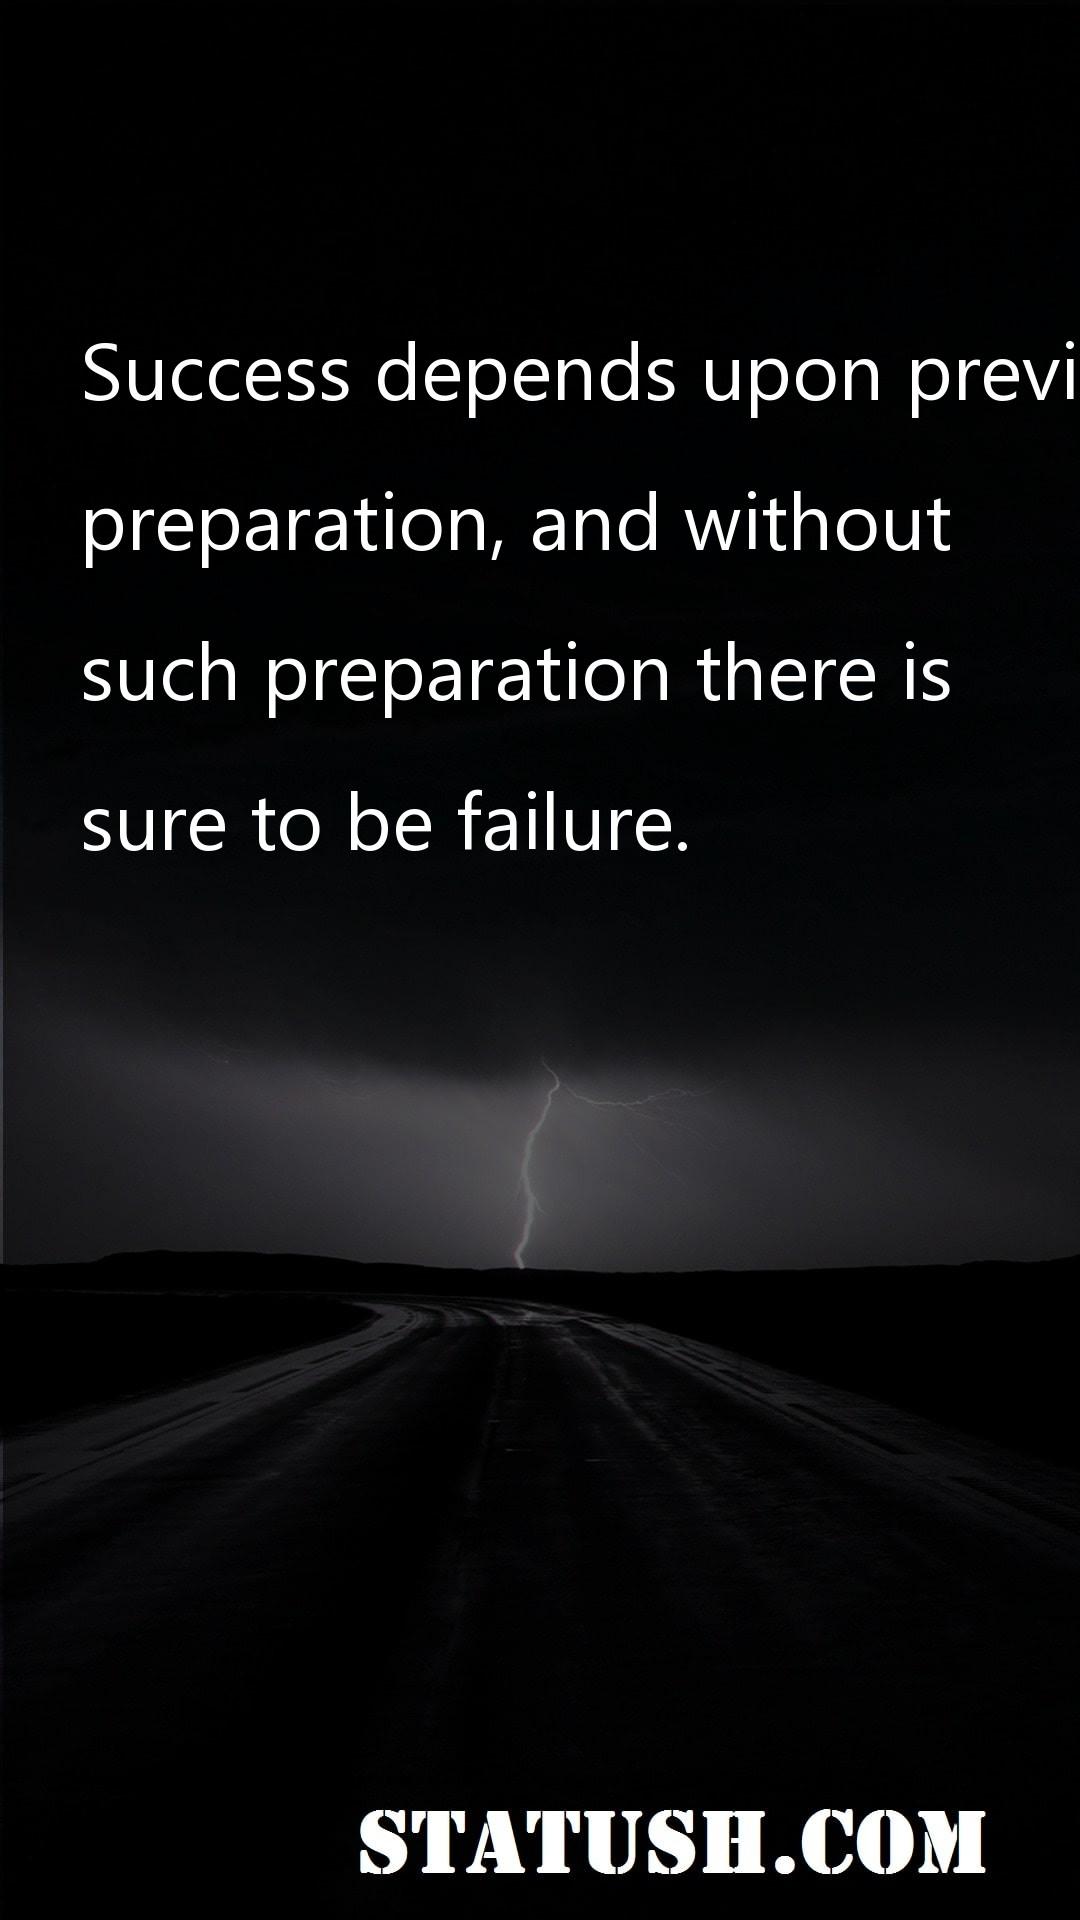 Success depends upon previous